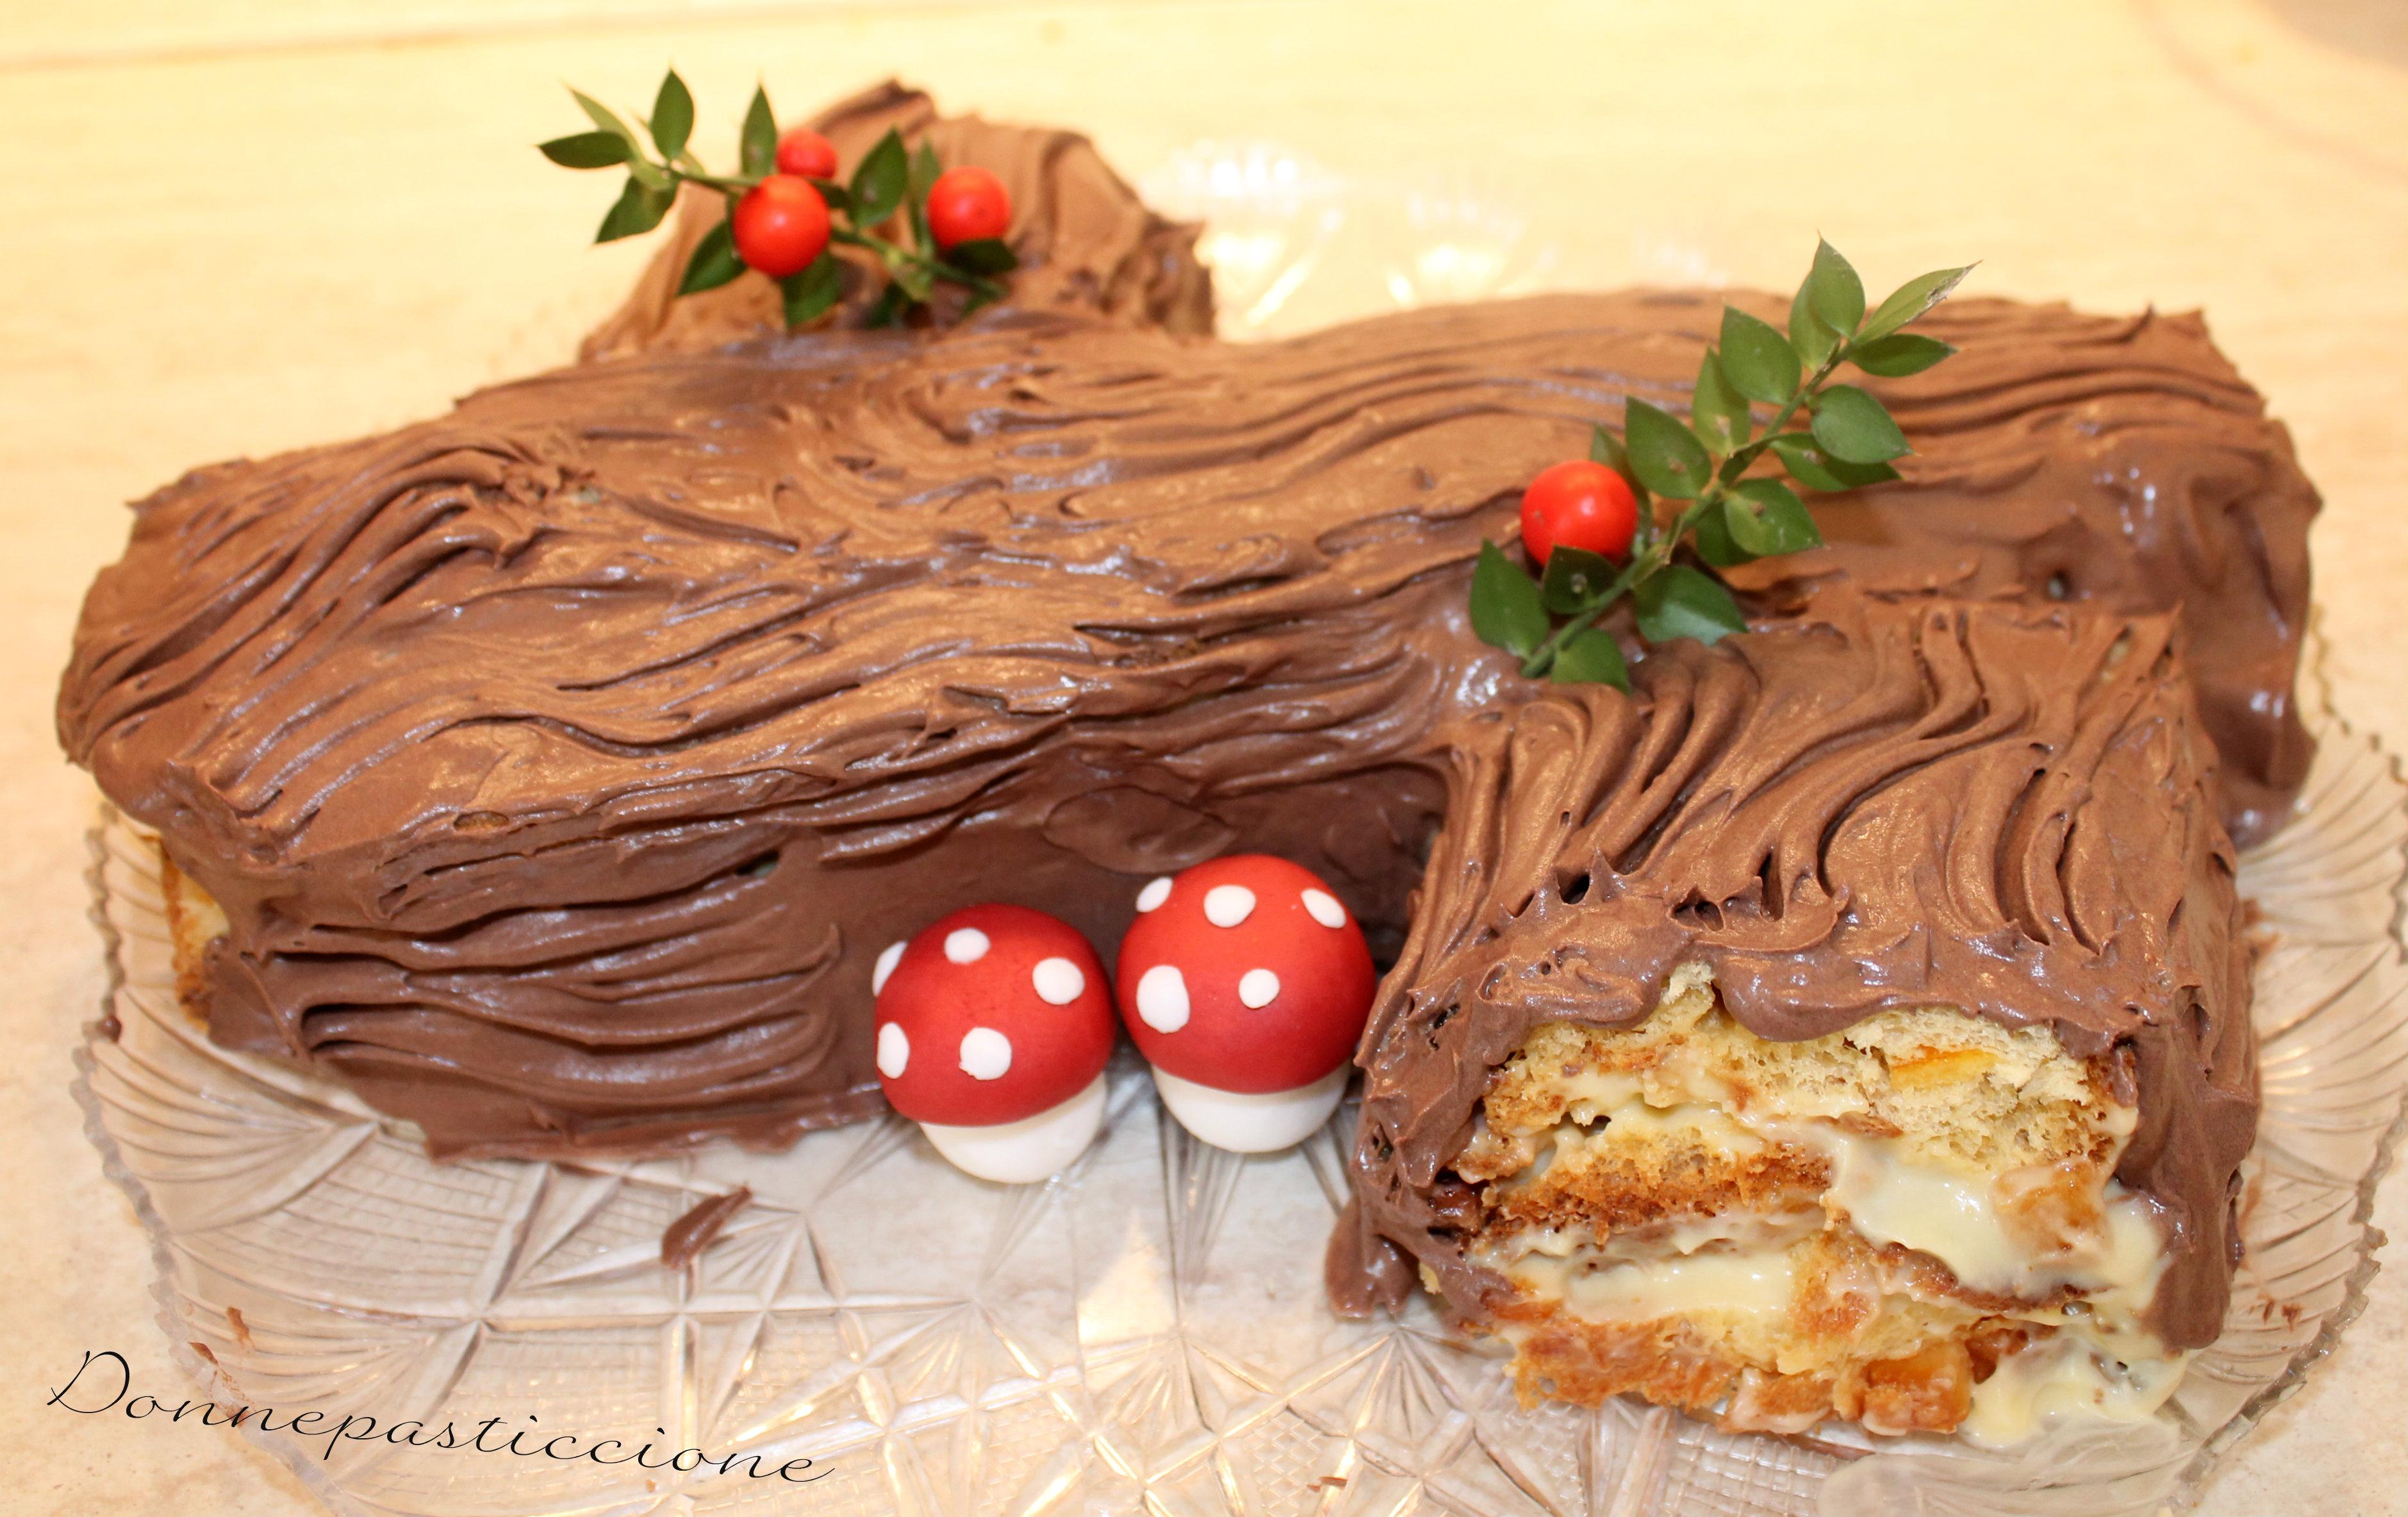 Ricetta Tronchetto Di Natale Con Panettone.Tronchetto Di Panettone E Crema Zabaione Donnepasticcione